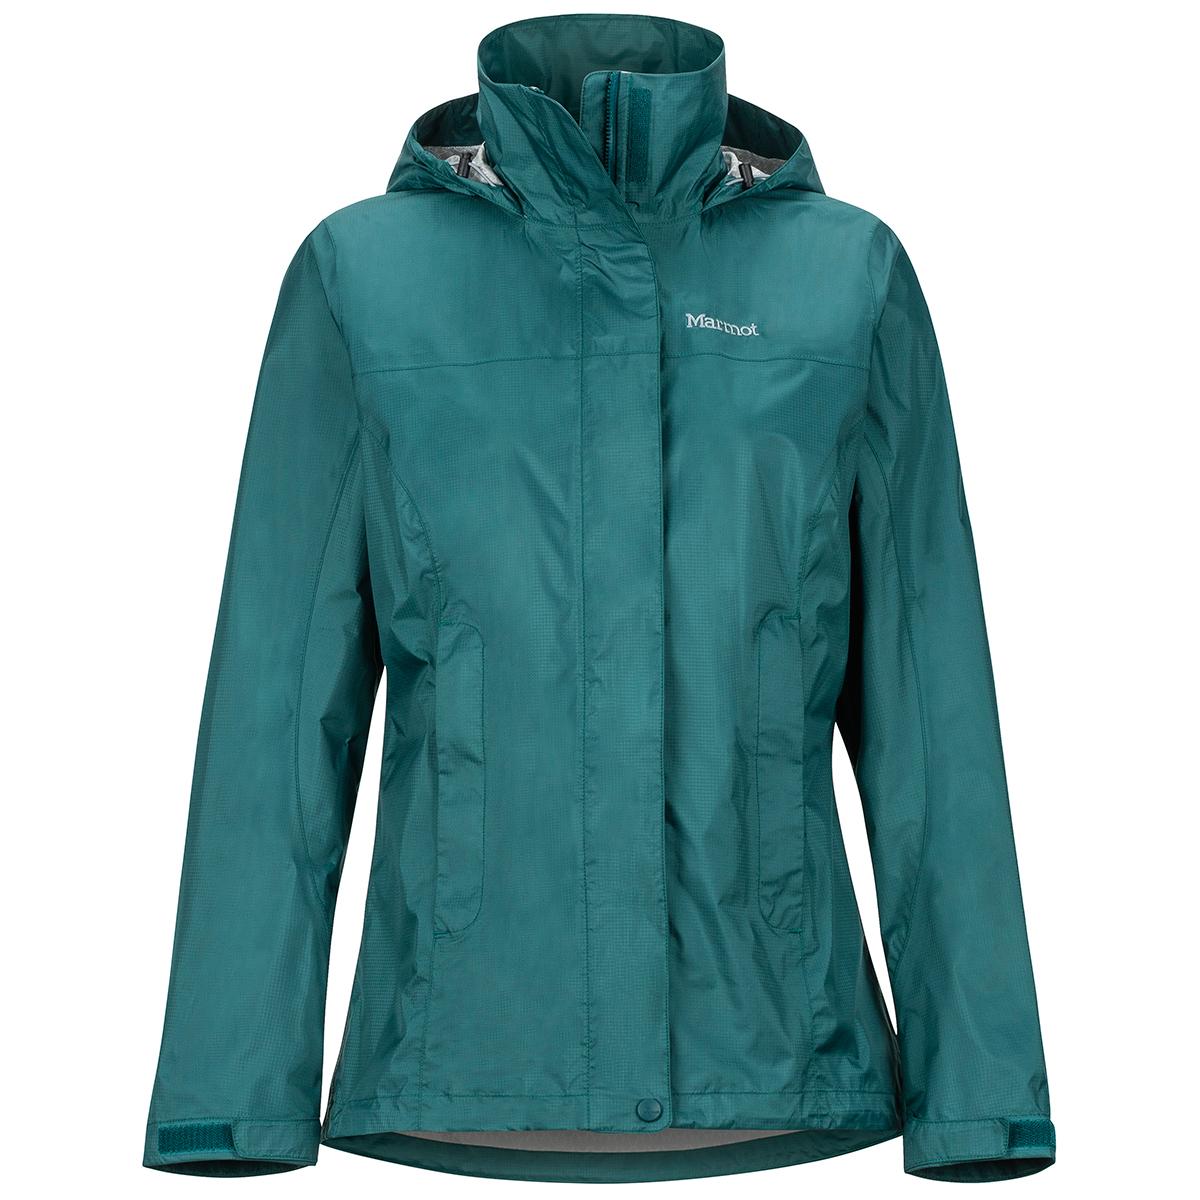 Marmot Women's Precip Eco Jacket - Green, L